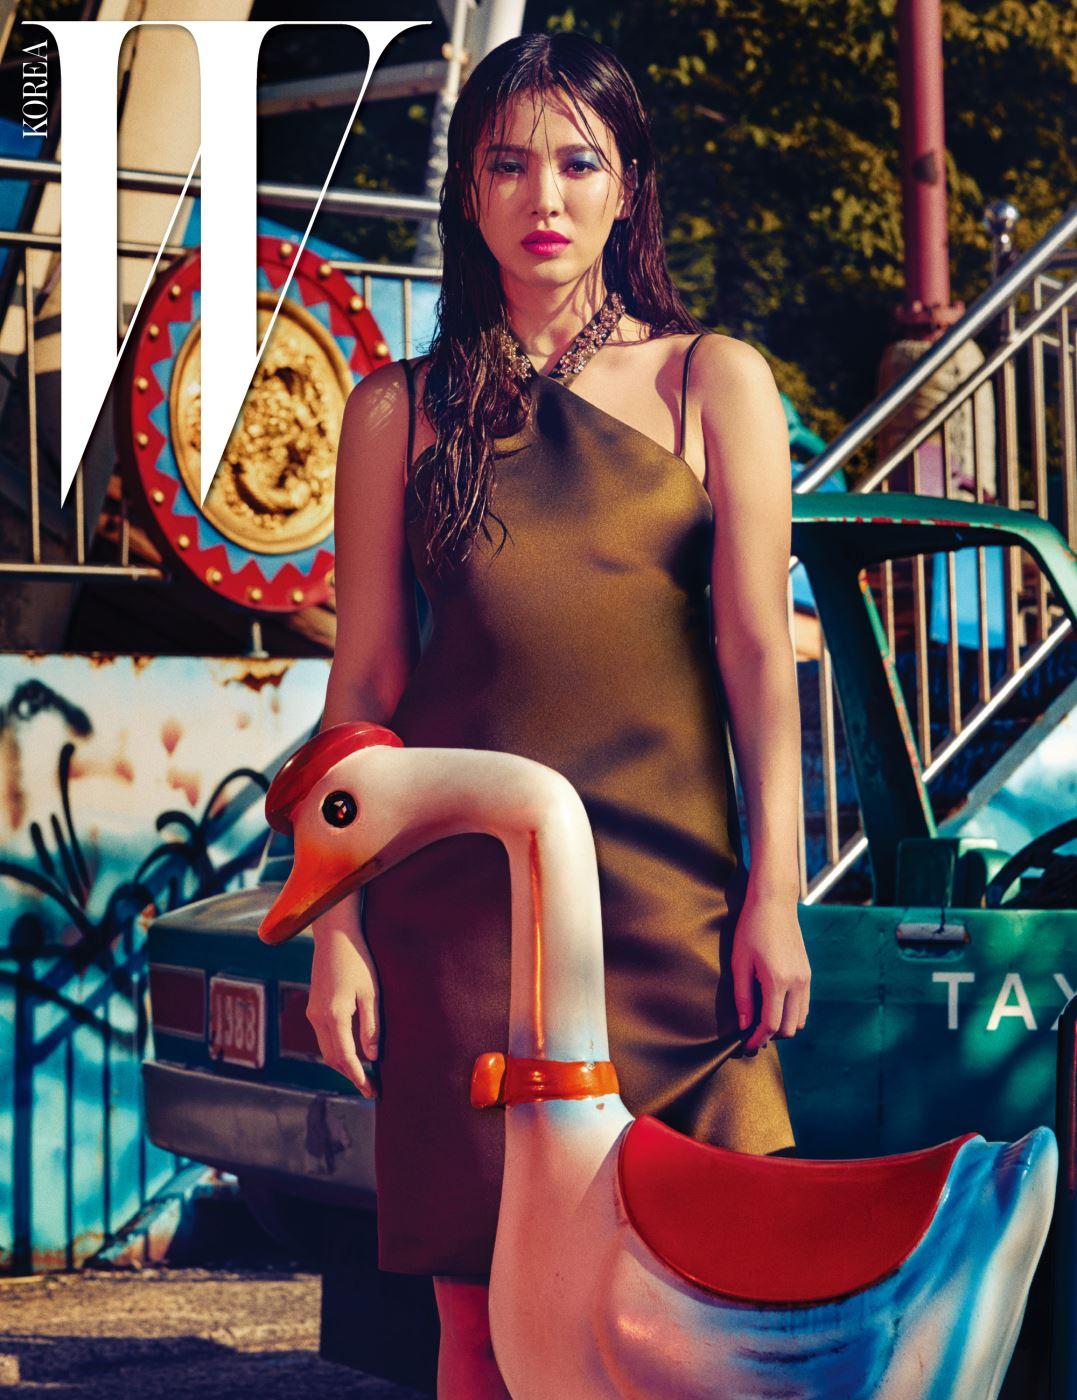 주얼 장식 네크라인이 독특한 새틴 미니 드레스는 Dior 16 Fall 제품.